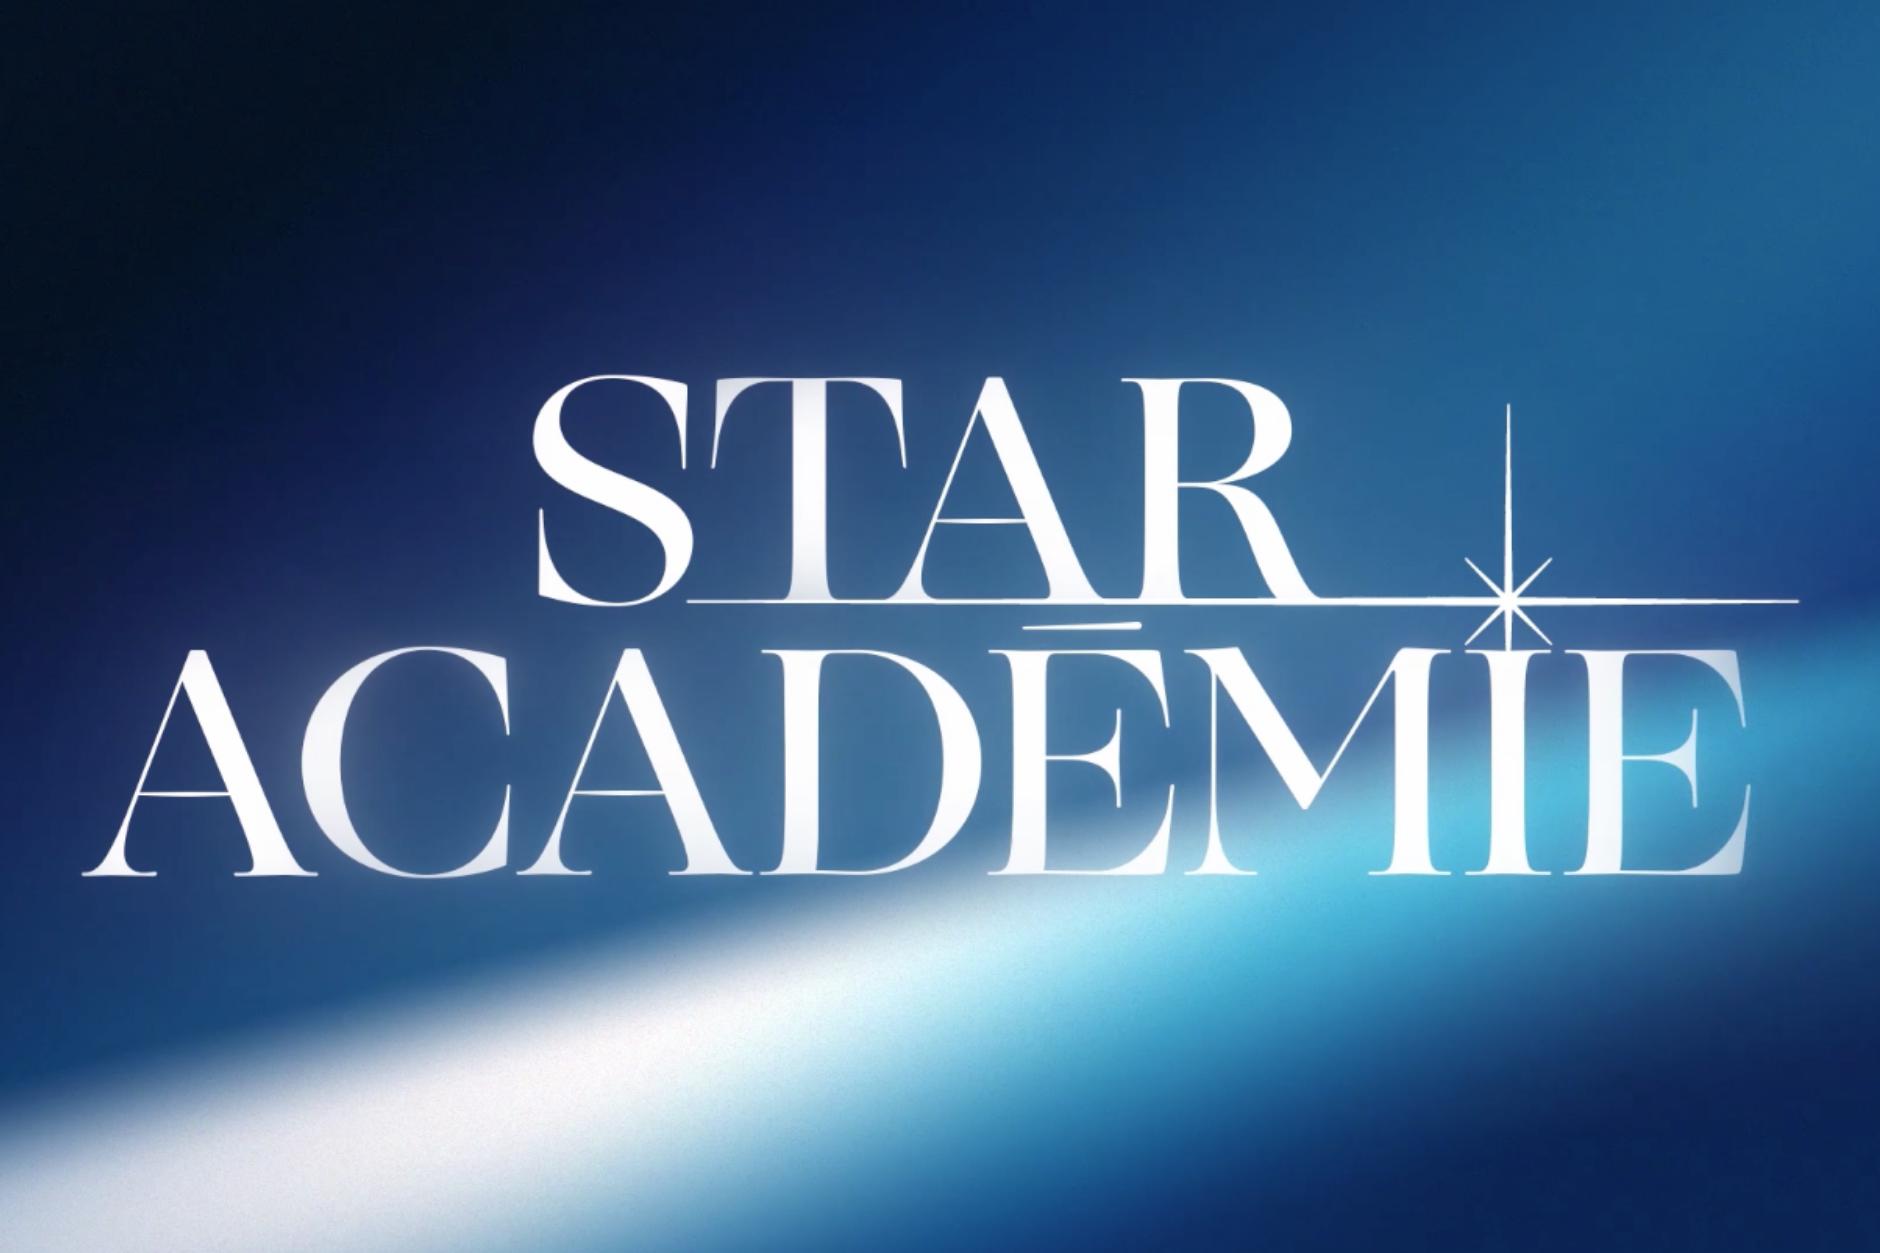 La Fondation Jeunes en Tête s'associe avec Star Académie